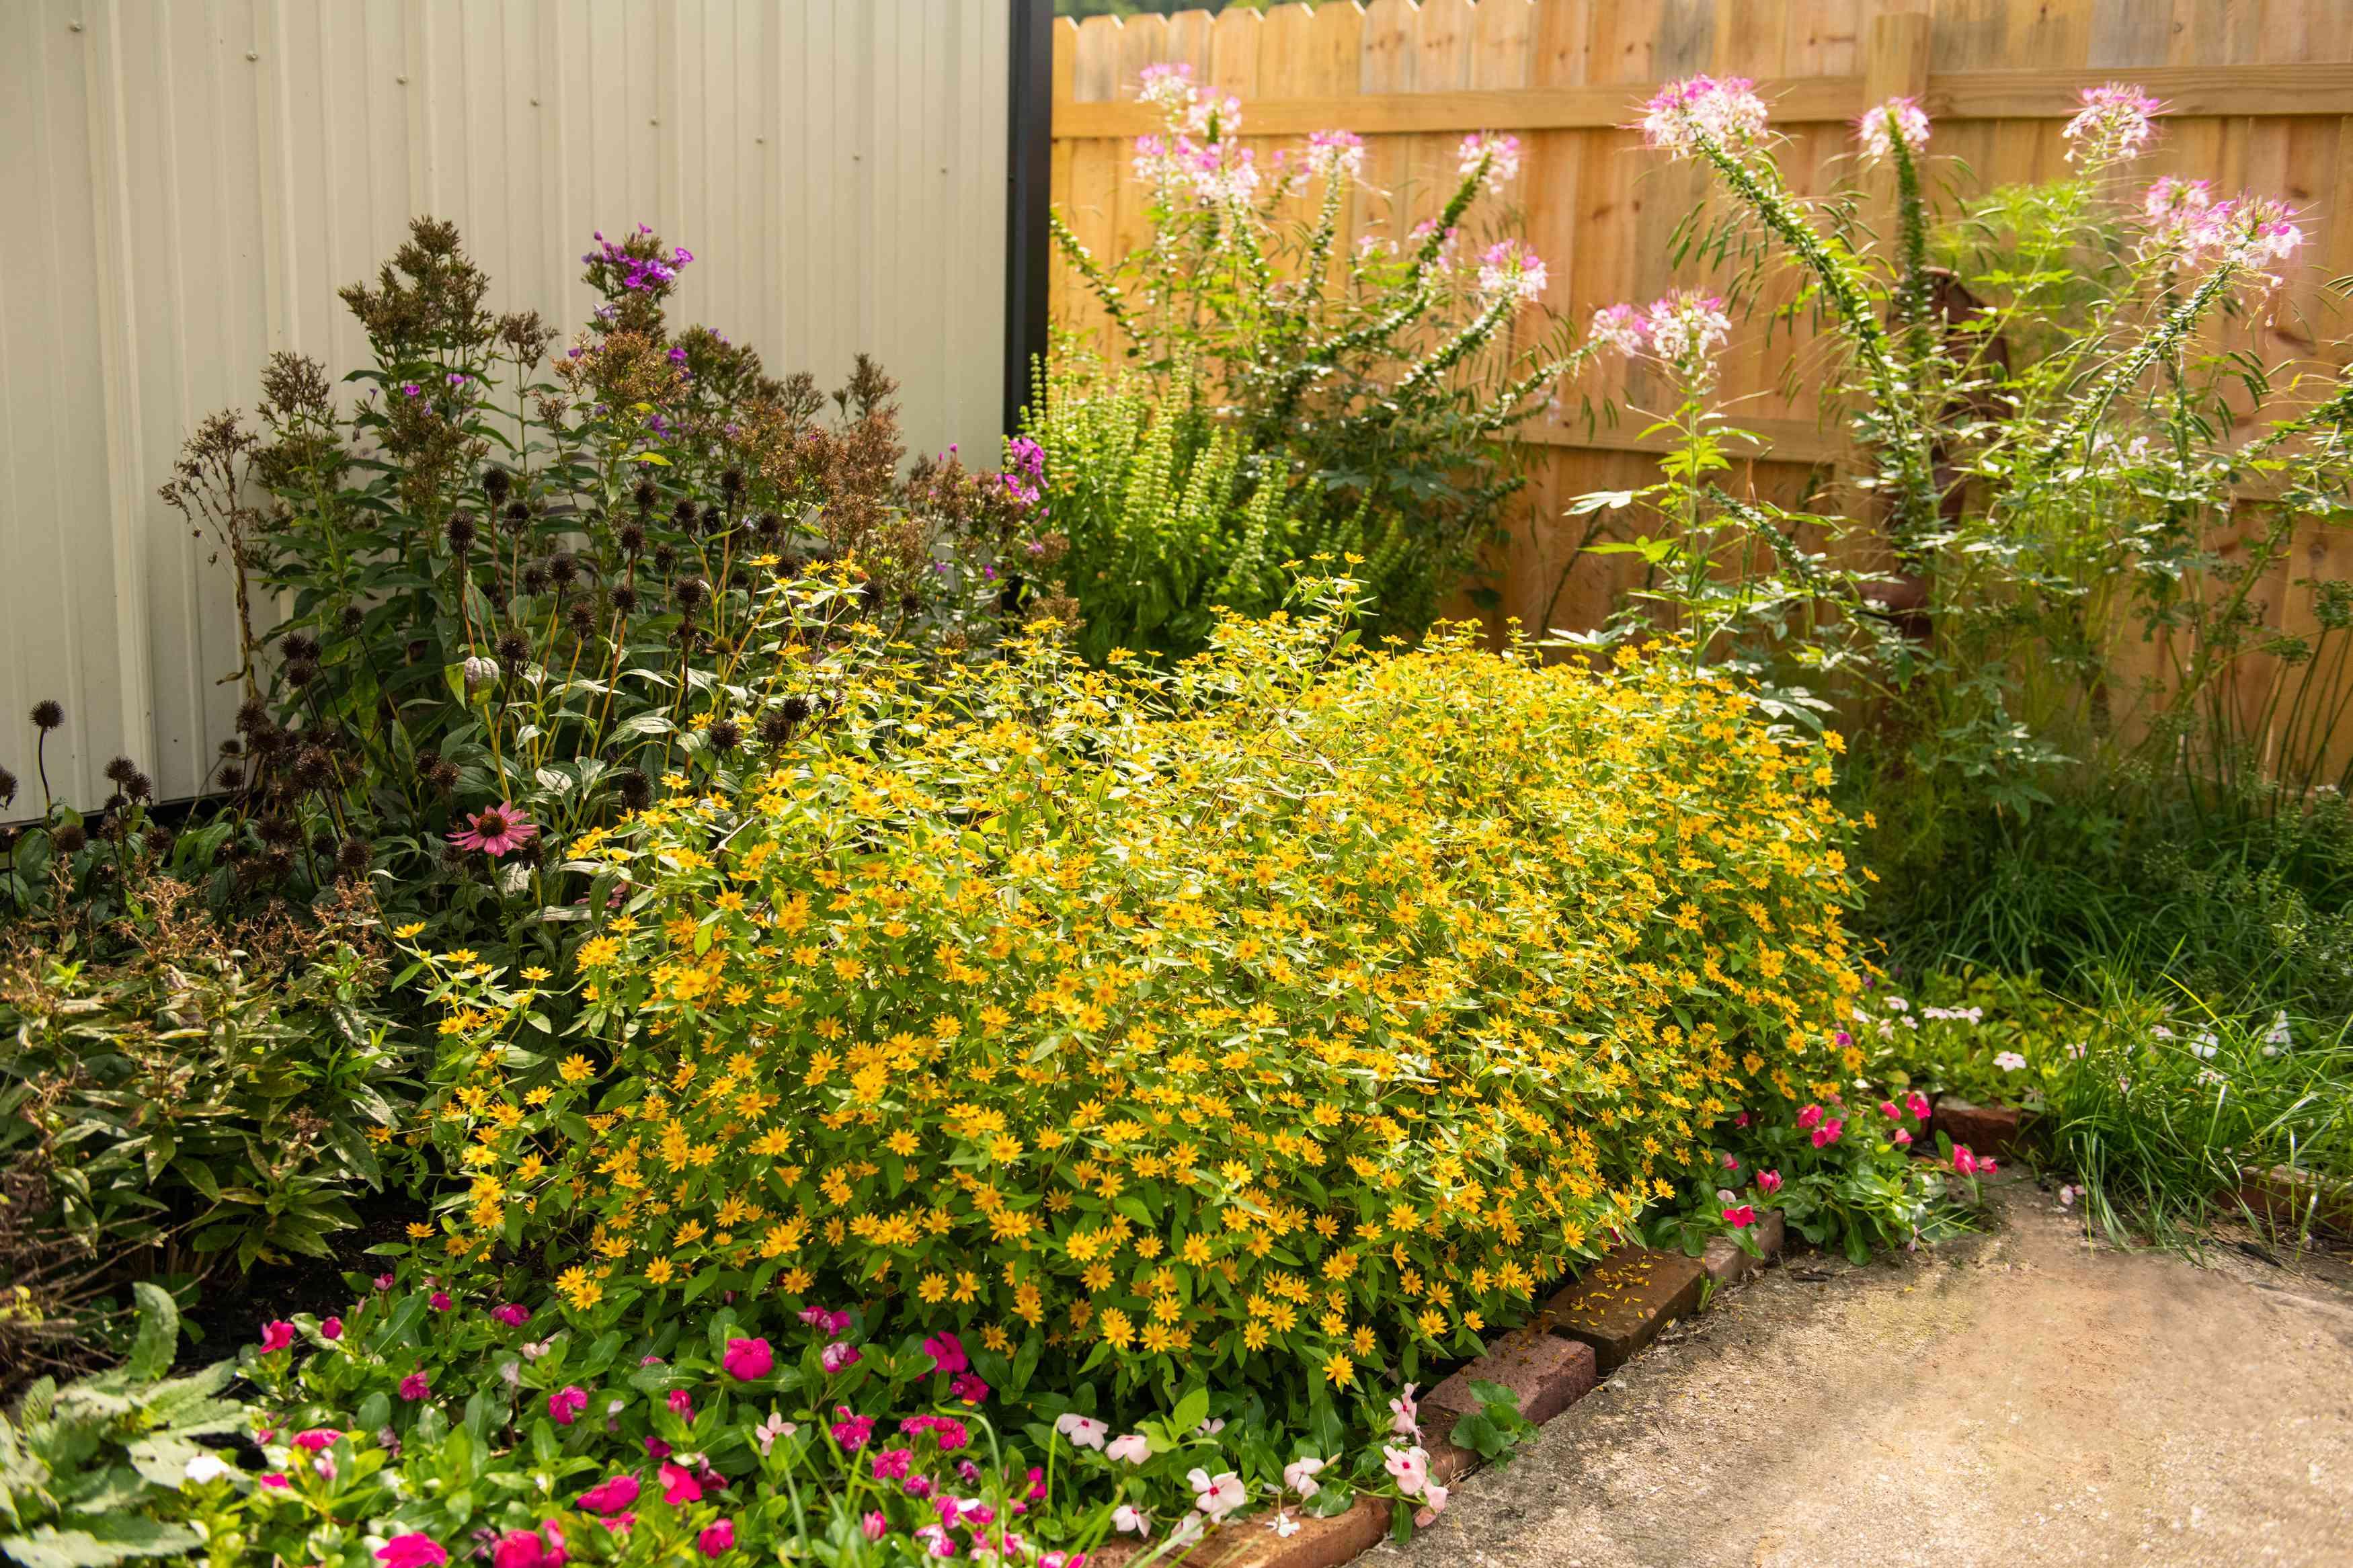 melampodium in a garden